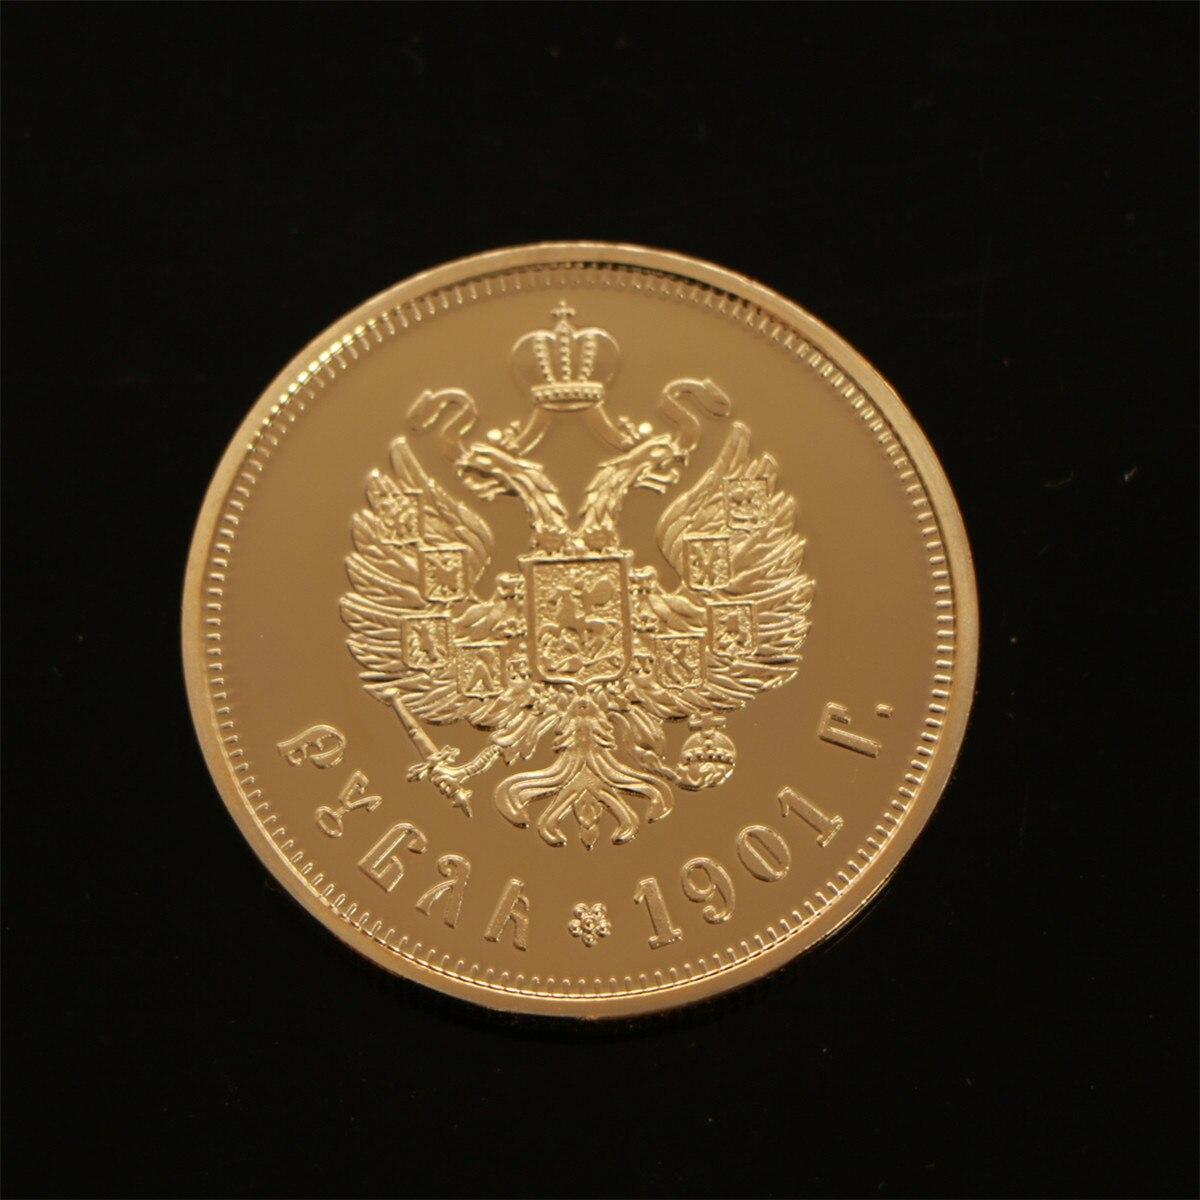 Золотая монета с 24-каратным золотым покрытием, 1901 российский рубль, золотая монета, памятная монета, монеты nichol II